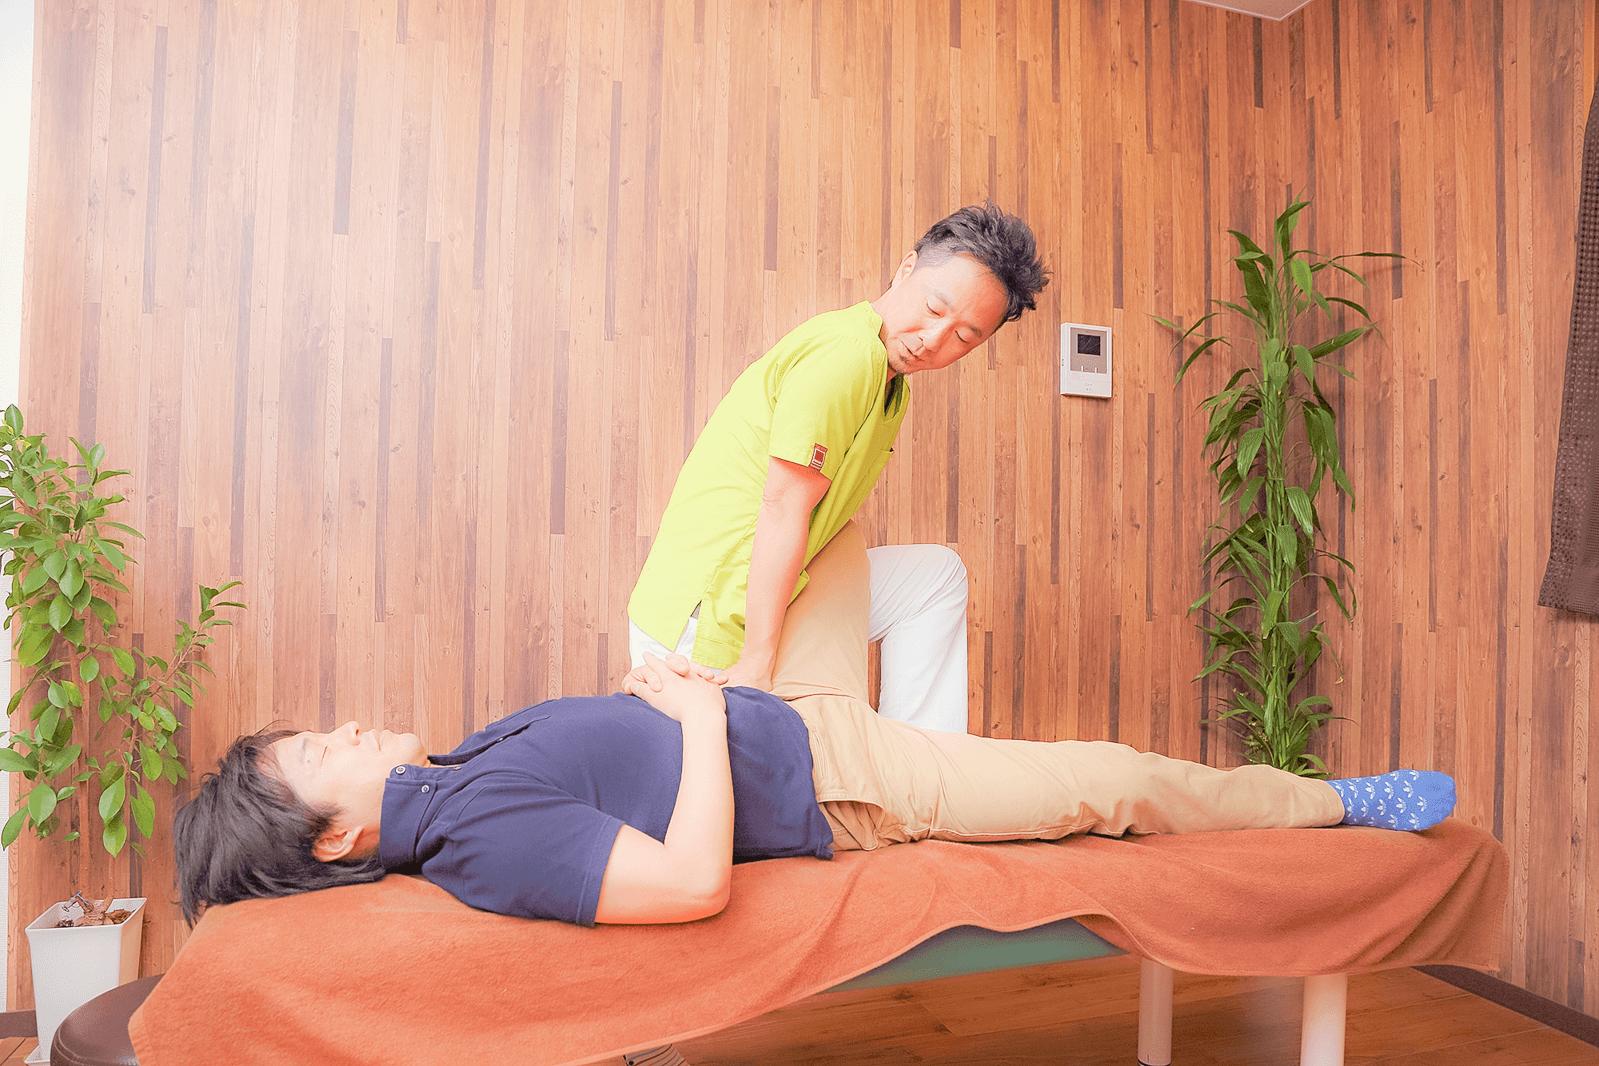 肩こり、脱臼、骨折、挫傷、ぎっくり腰など 様々な痛みの治療   川口市南鳩ヶ谷の整骨院 はた整骨院